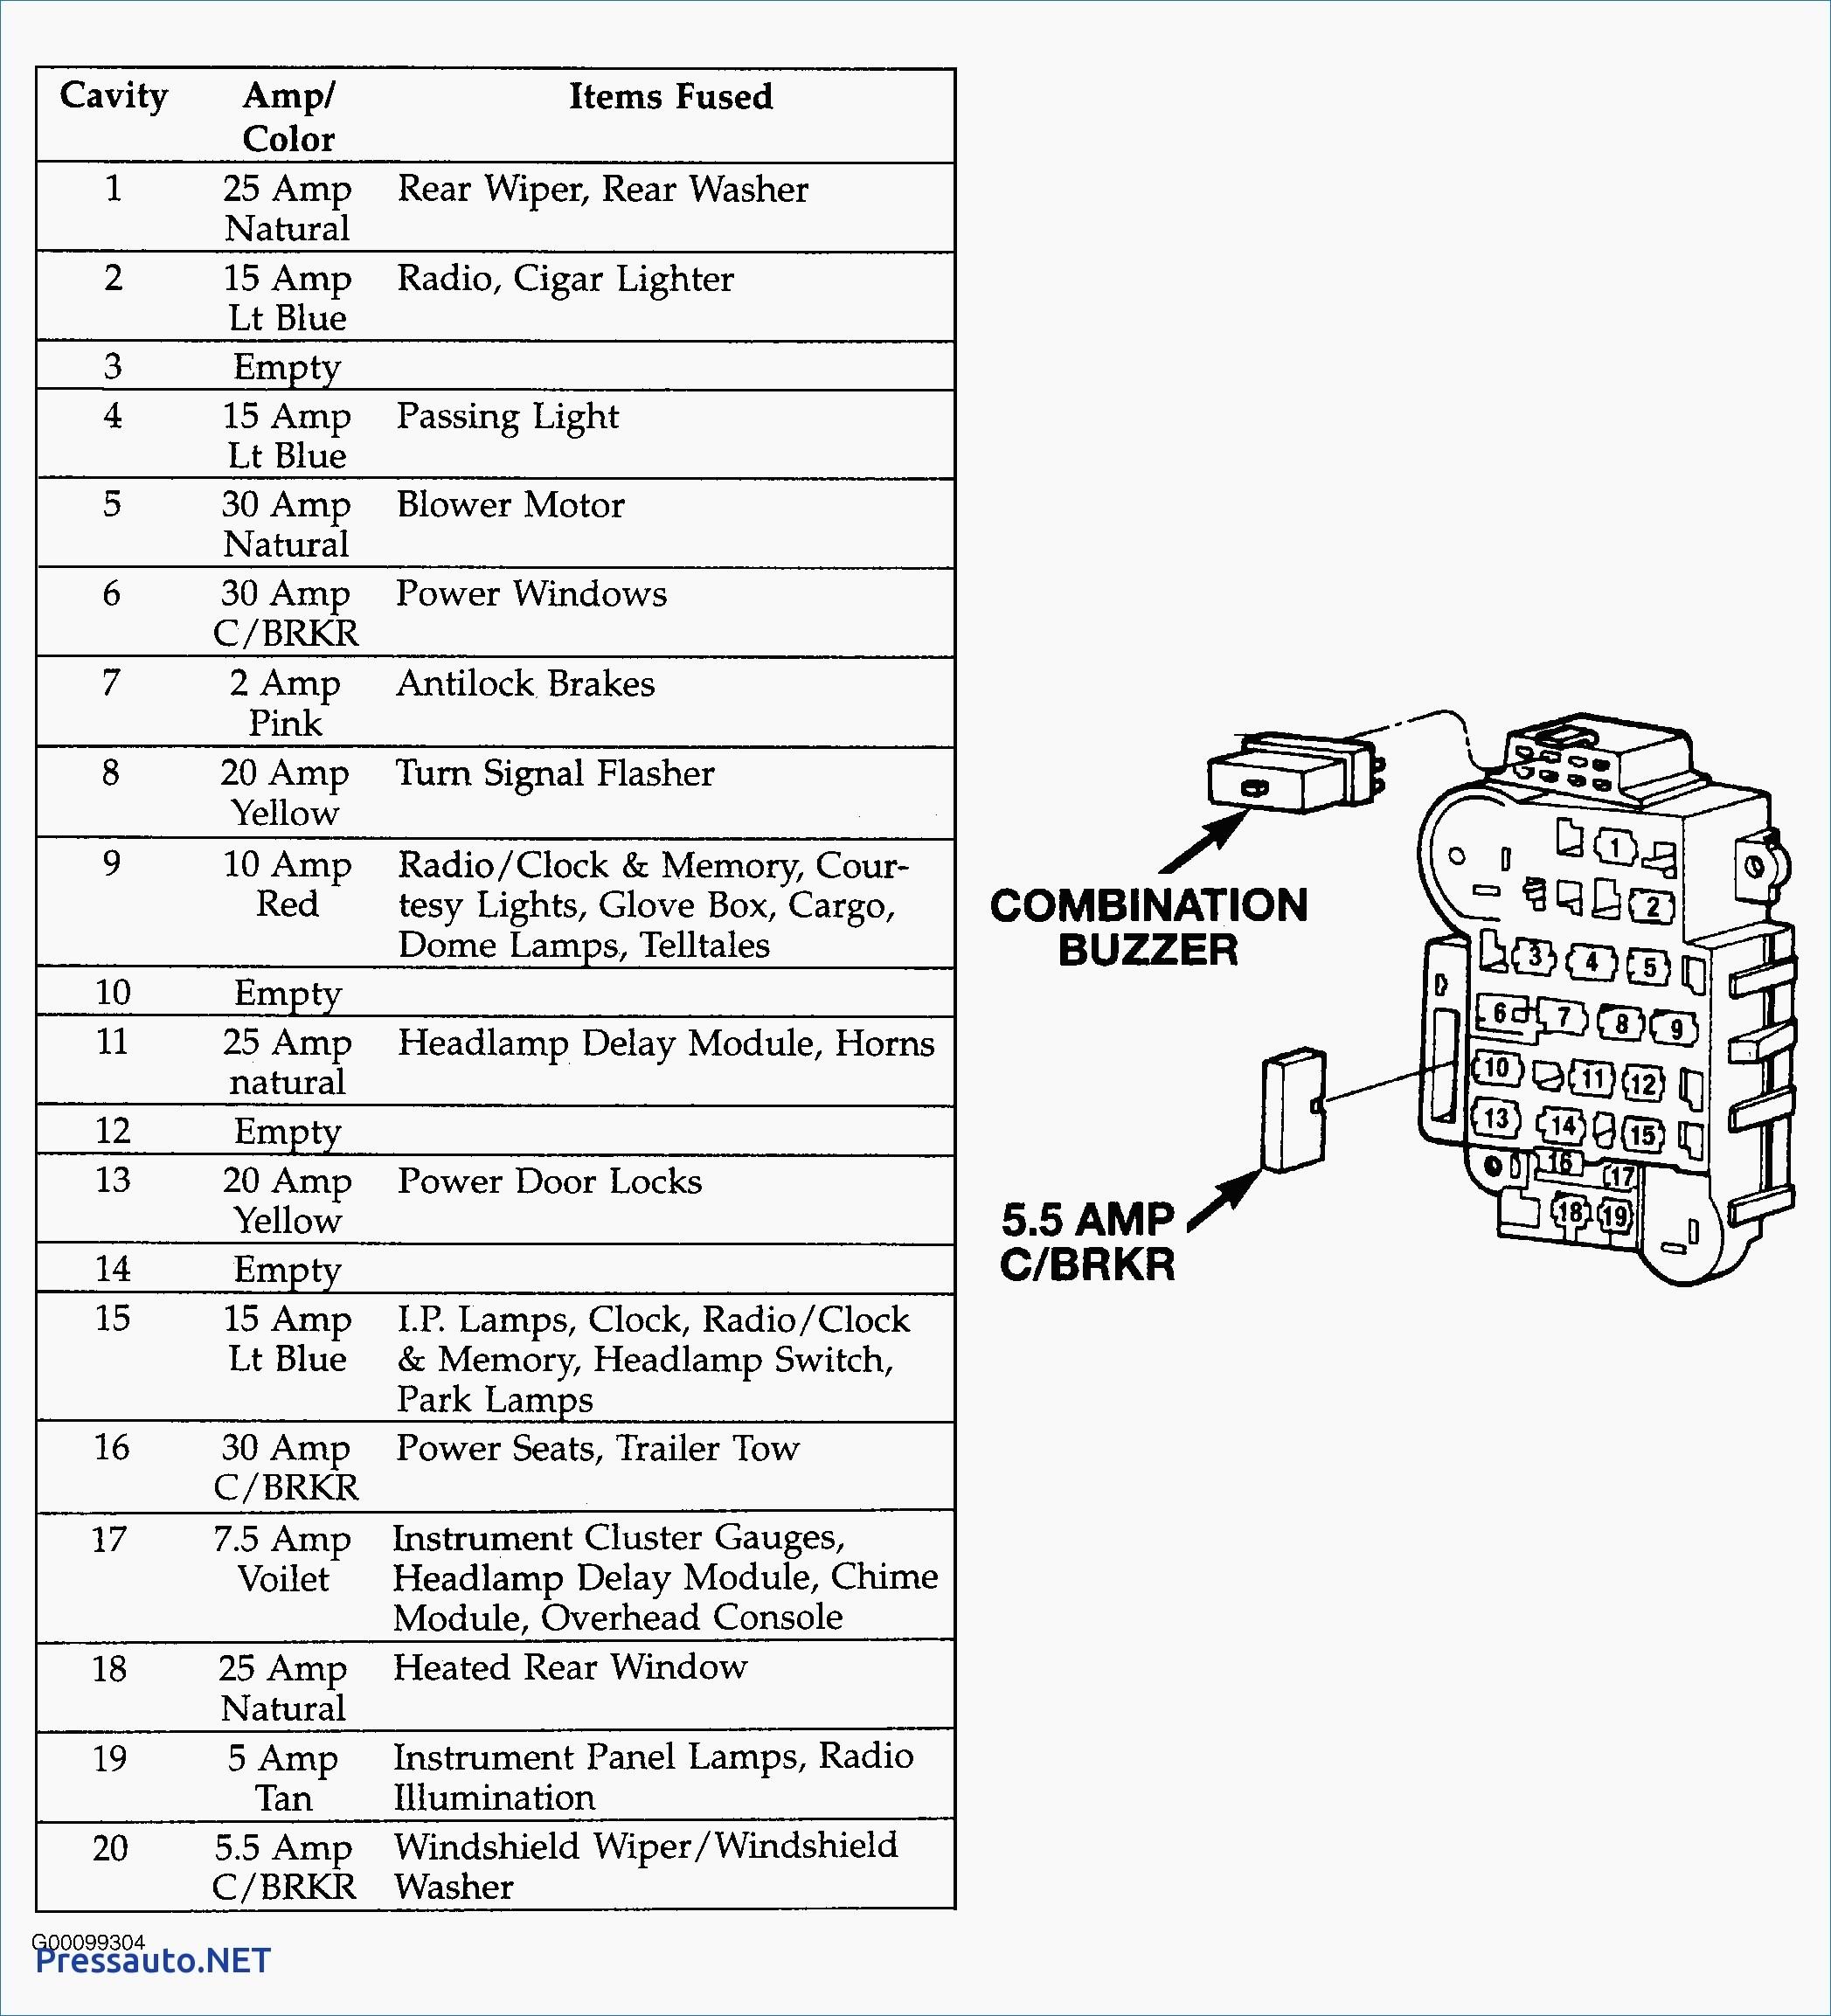 1995 Jeep Fuse Box For - seniorsclub.it schematic-asset -  schematic-asset.seniorsclub.itdiagram database